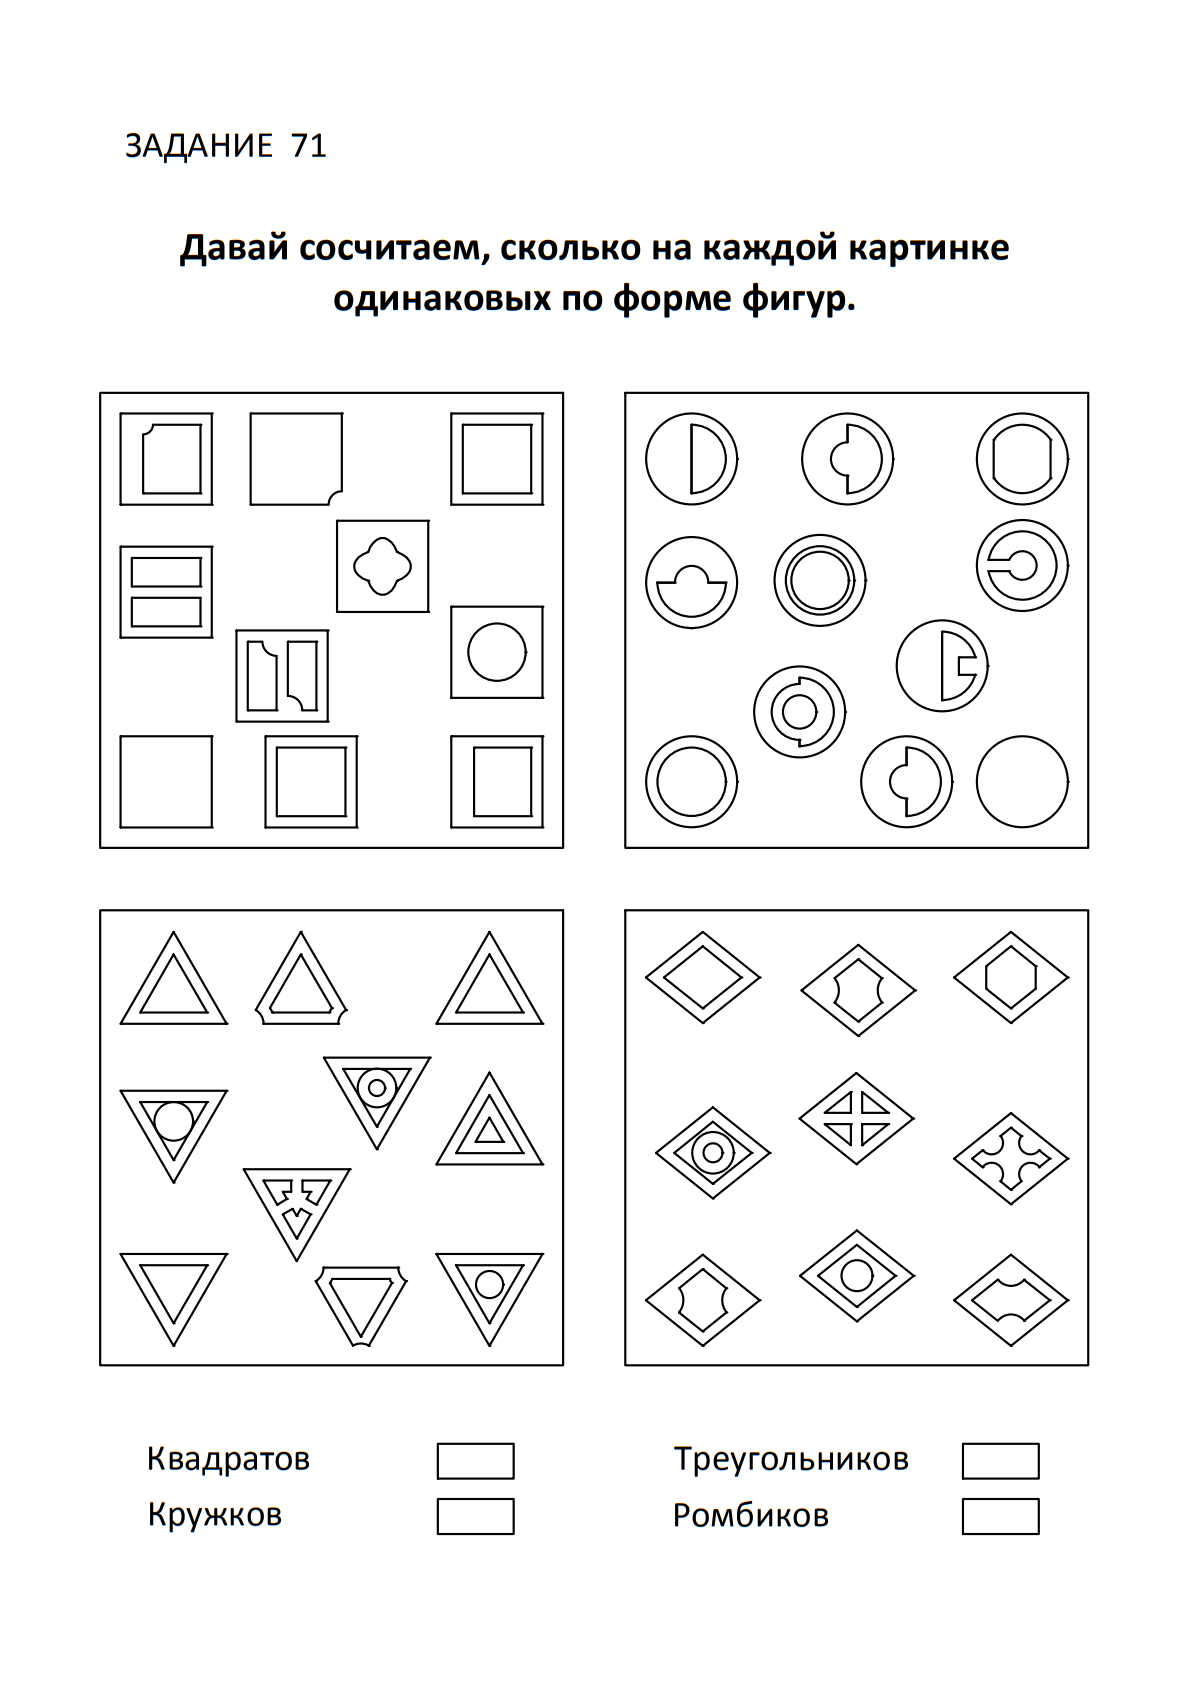 Найди и сосчитай одиниковые фигурки. Задание 71 в тест игре Ольгины Задачки.